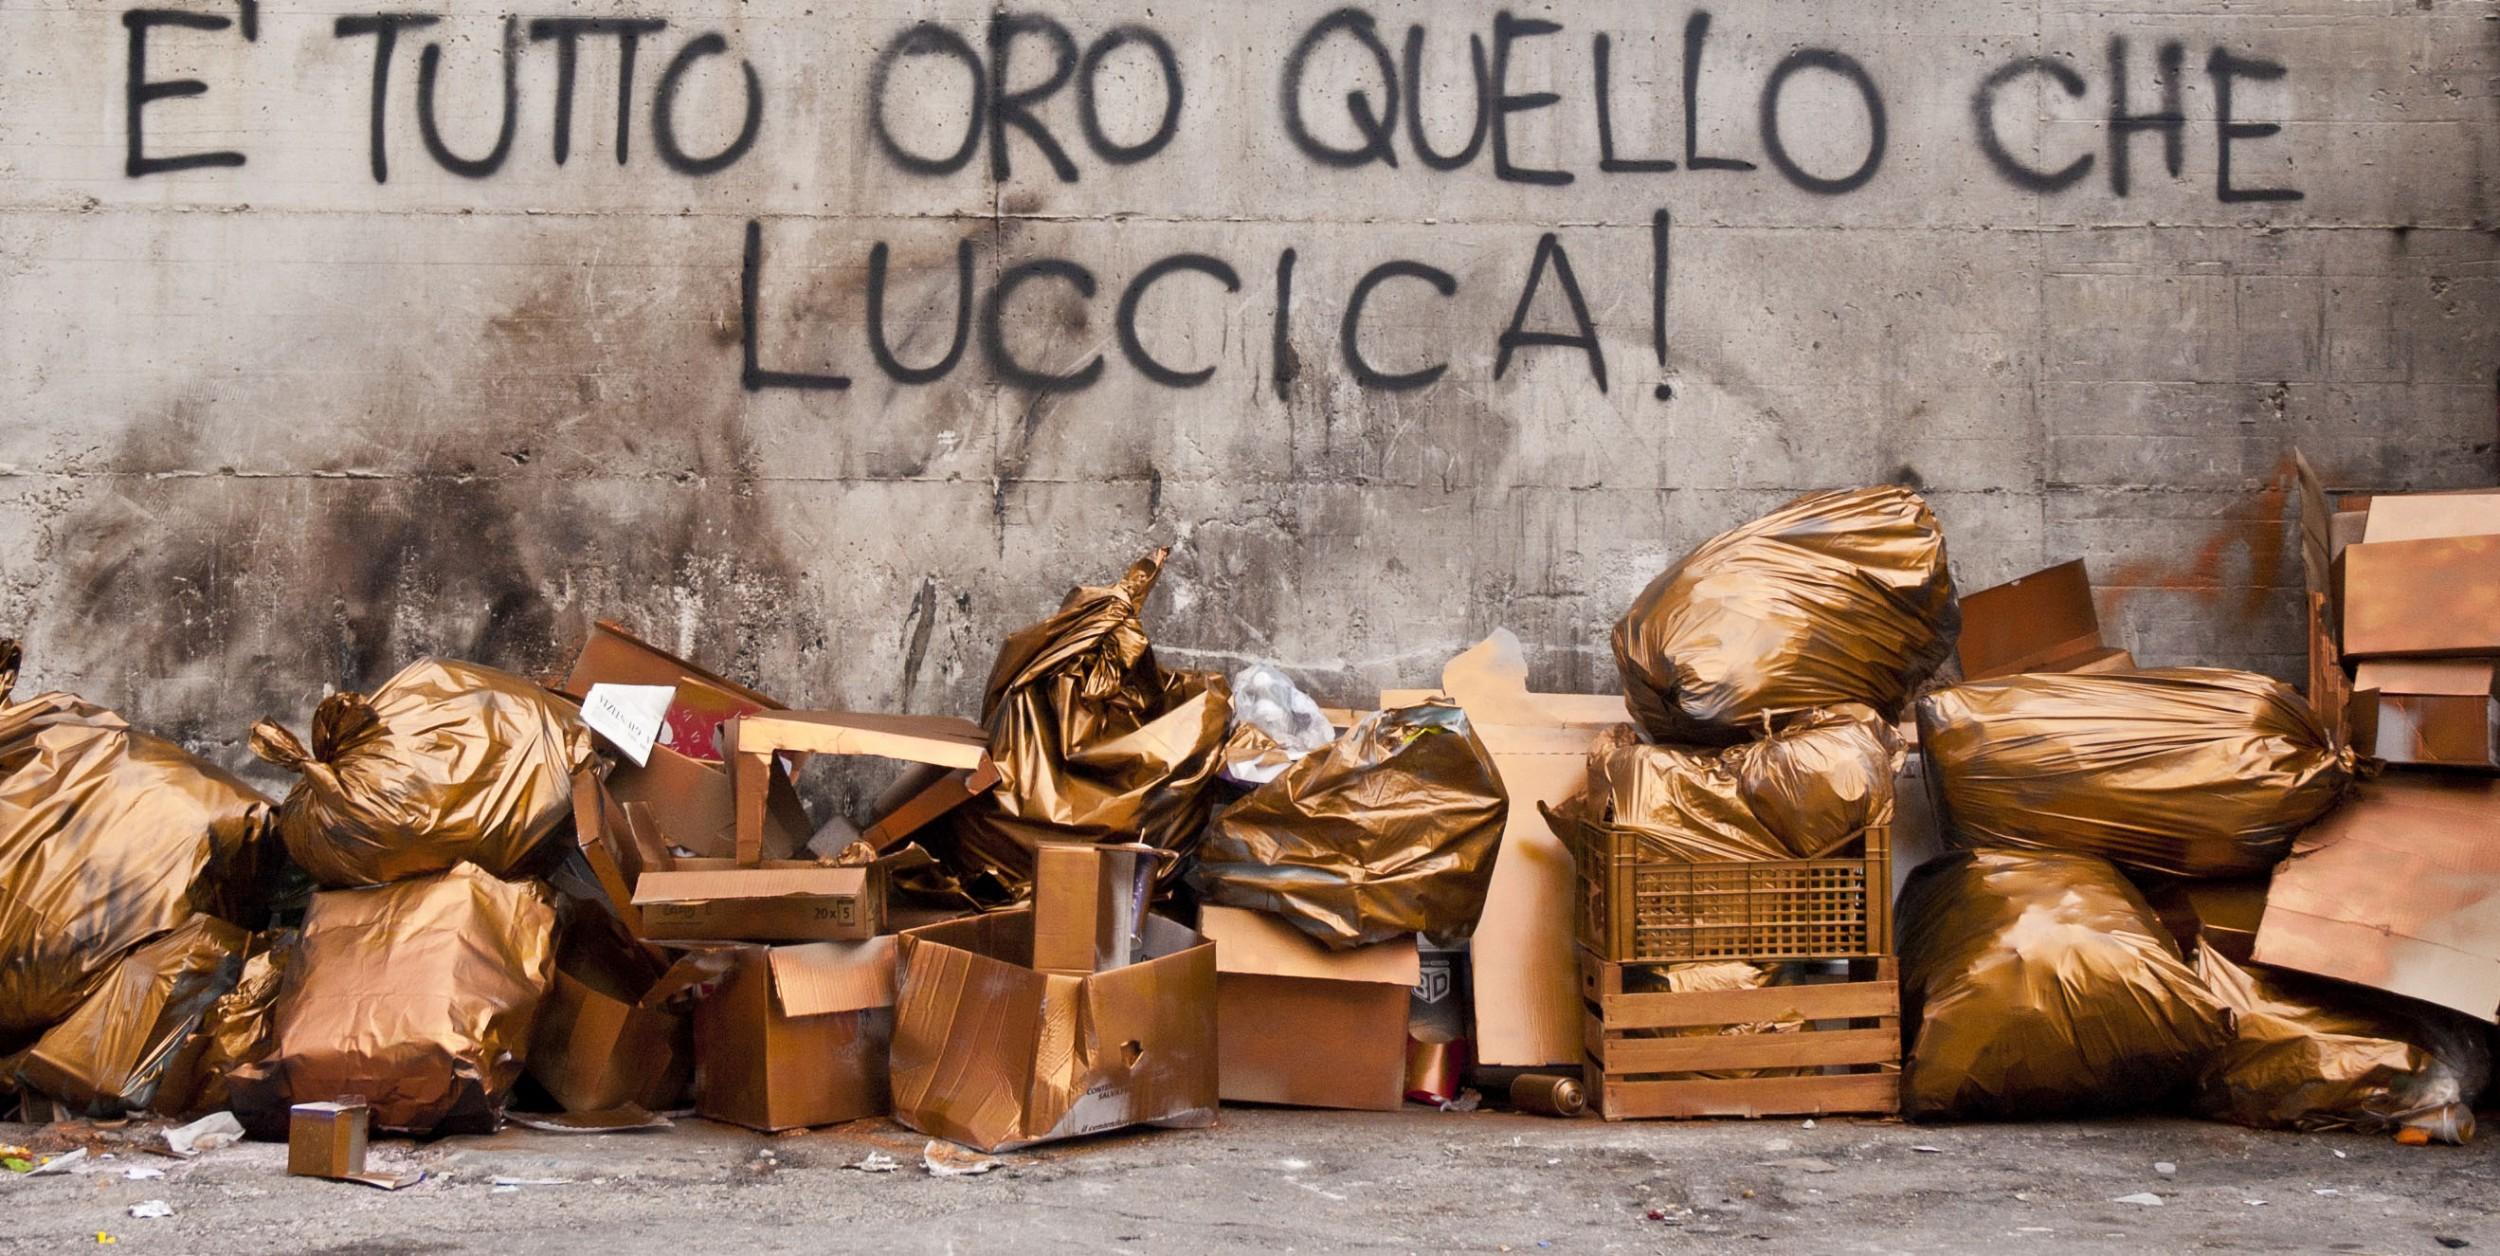 immagine tratta da http://www.premioceleste.it/opera/ido:231429/